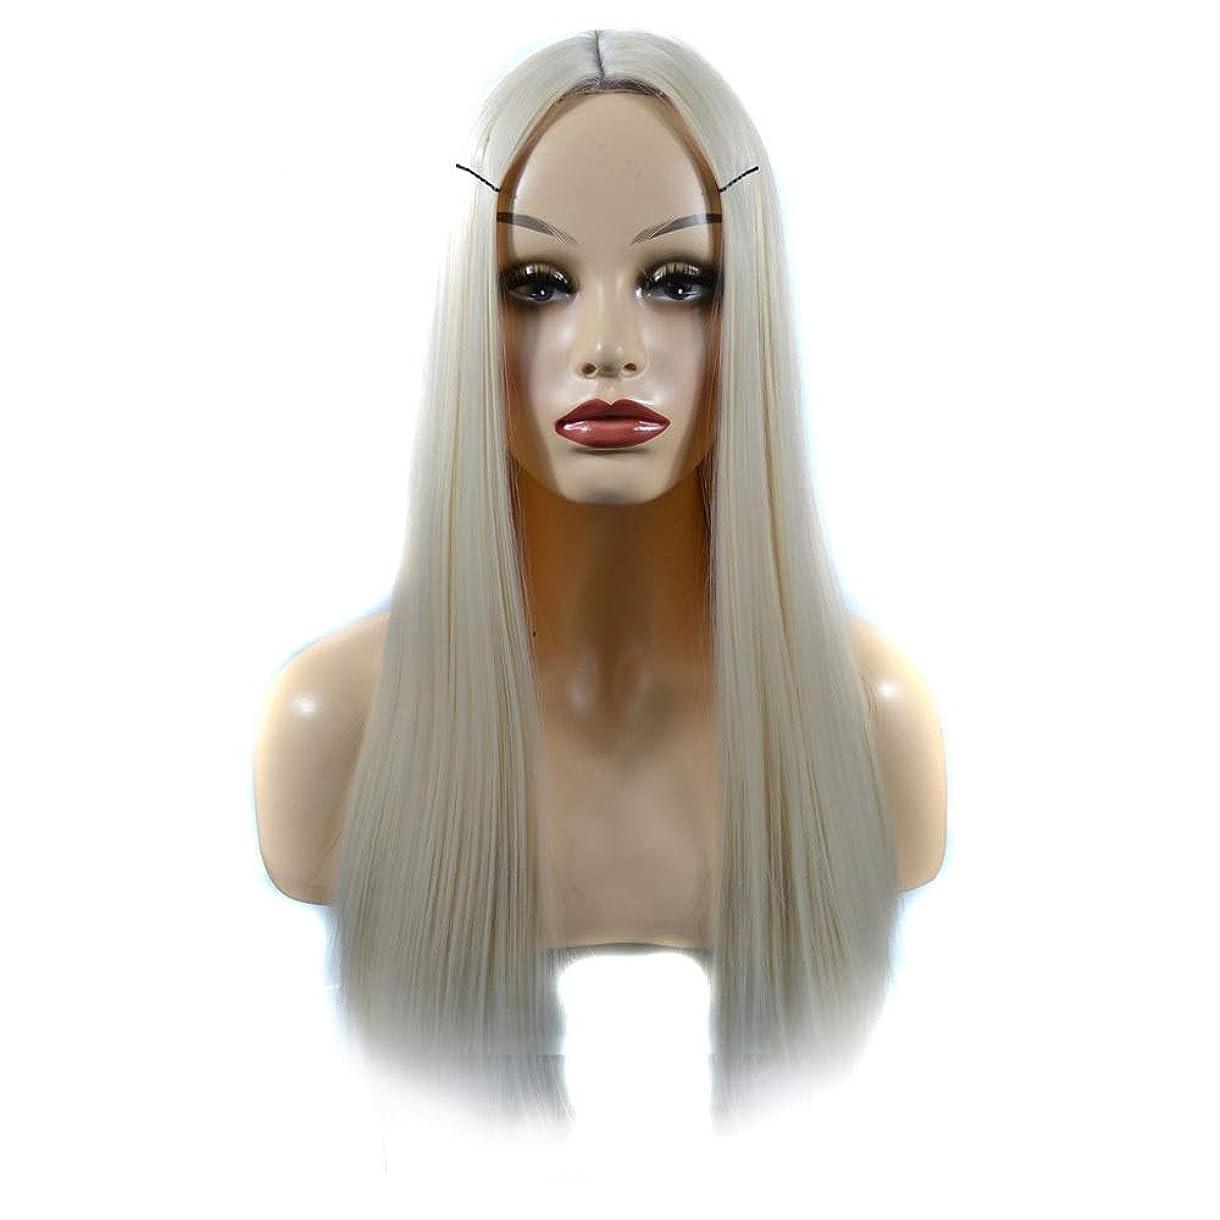 発揮する中絶美的YESONEEP 女性のための人工の乳白色のかつらかつらオンブルリアルな自然なストレートヘアパーティーウィッグ (色 : Milky white, サイズ : 60cm)